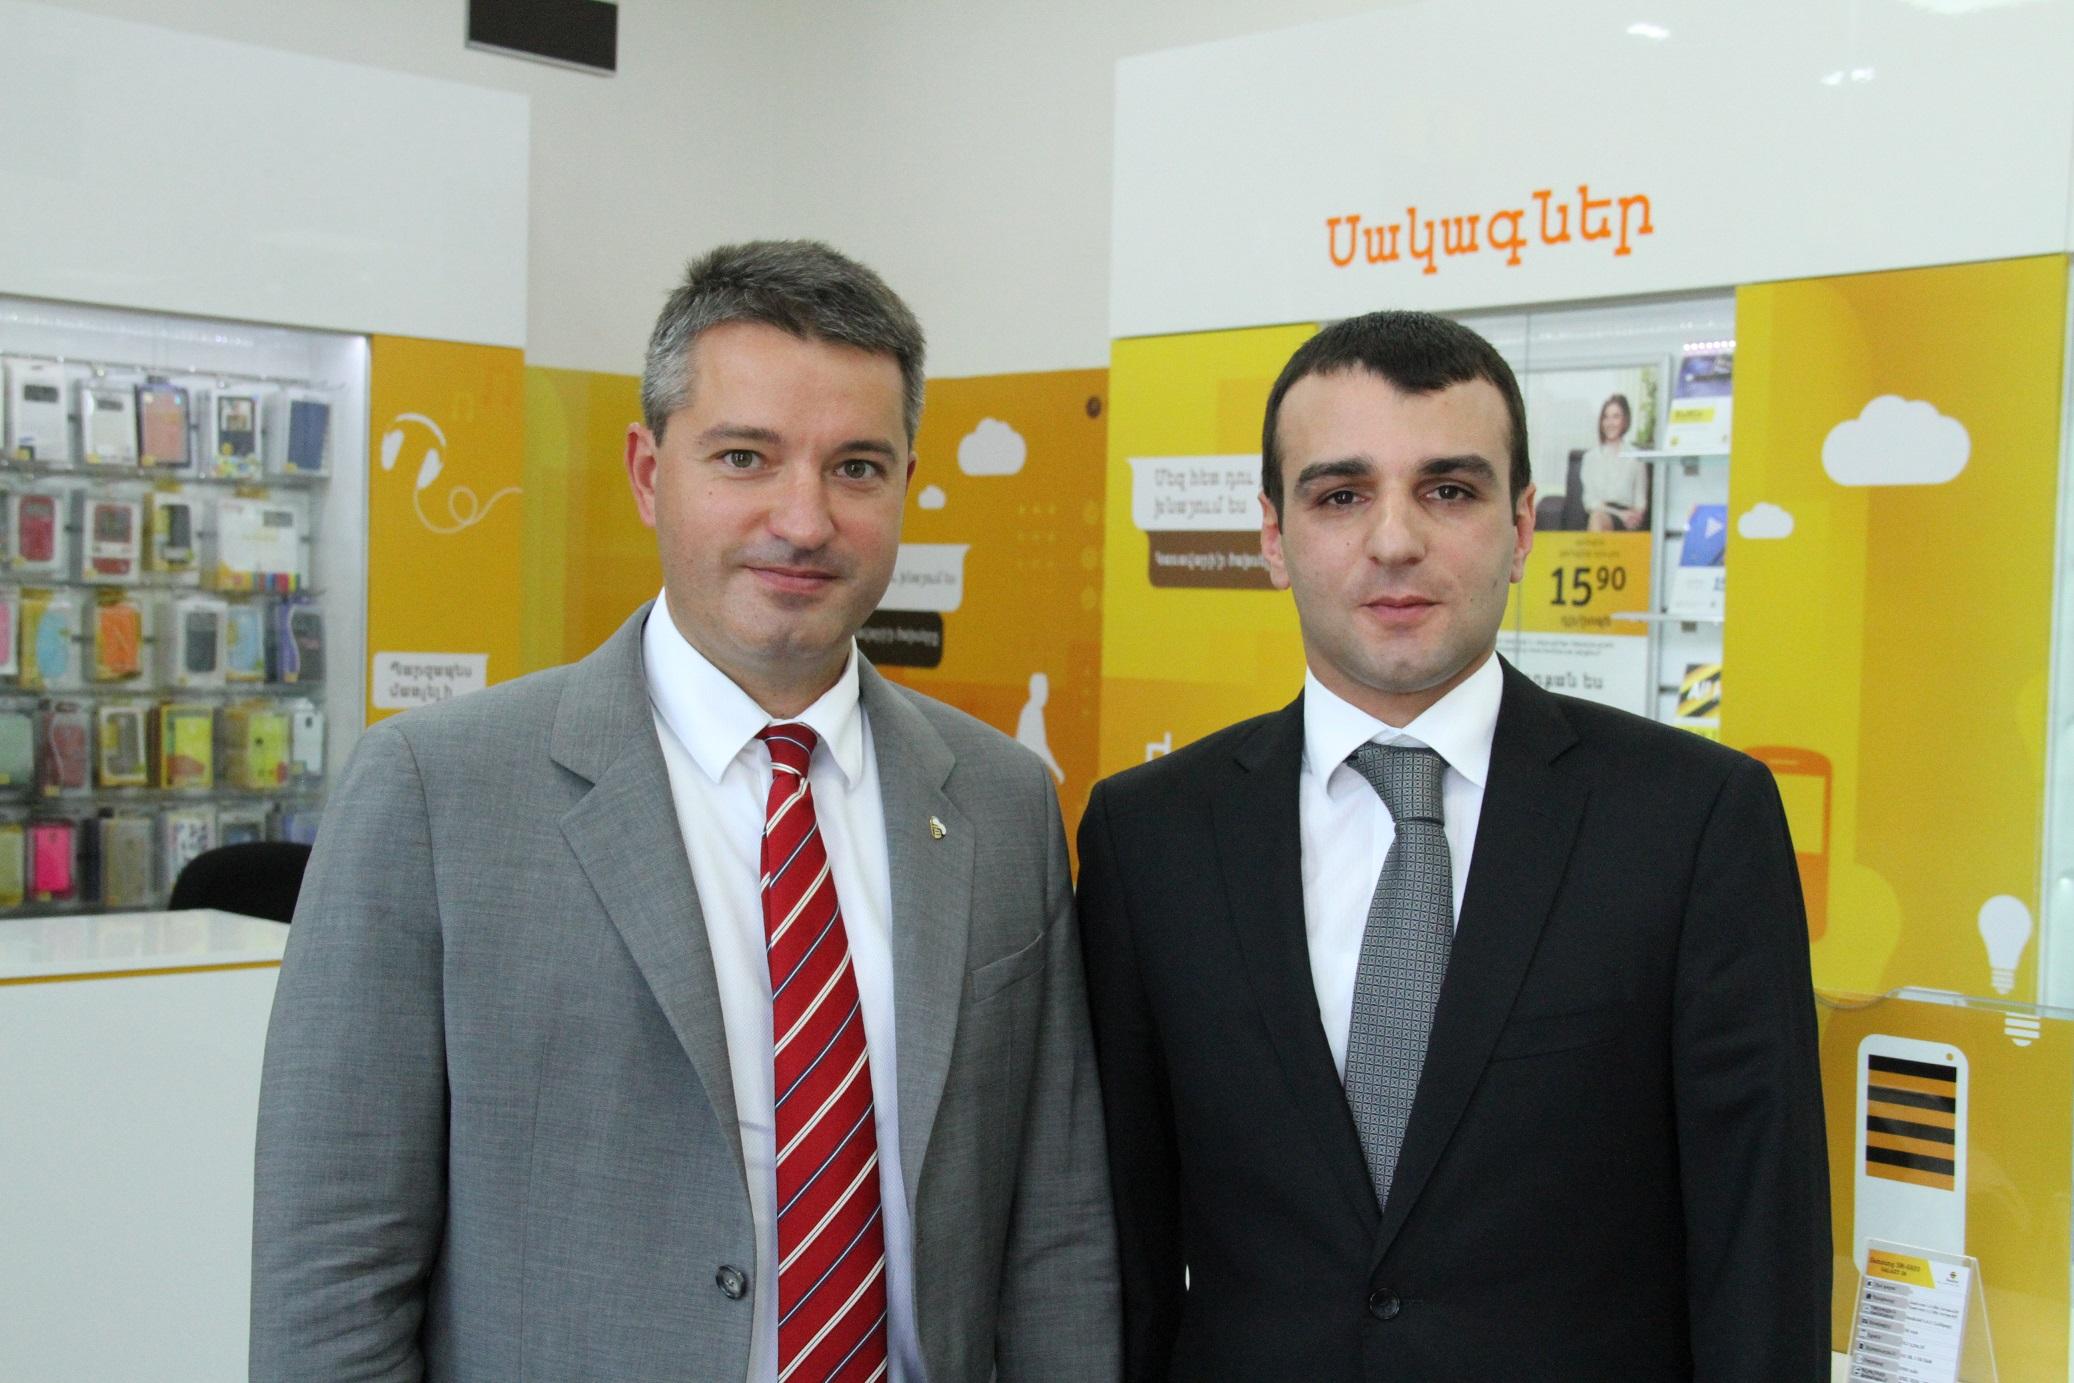 Beeline. «Յունիբանկ» ՓԲԸ-ն հետ սպառողական վարկավորման ոլորտում համագործակցության ընդլայնում